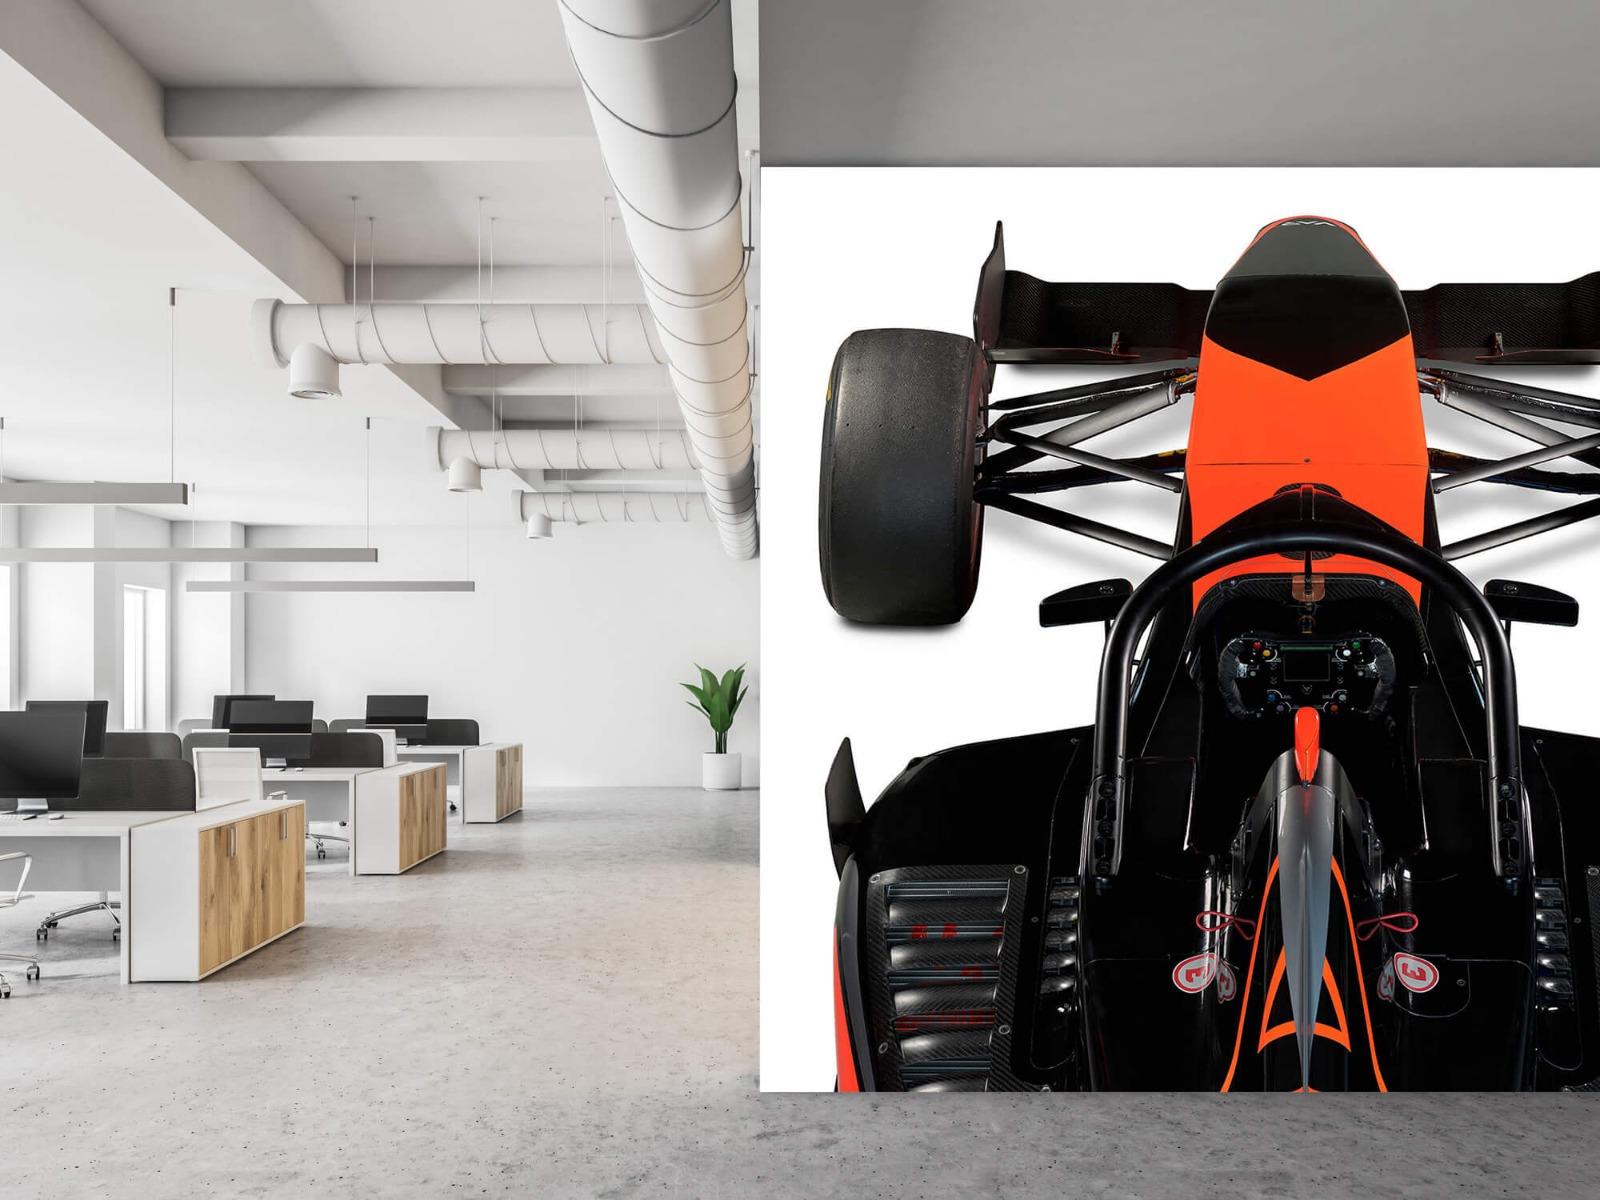 Sportauto's - Formule 3 - Cockpit view - Computerruimte 21